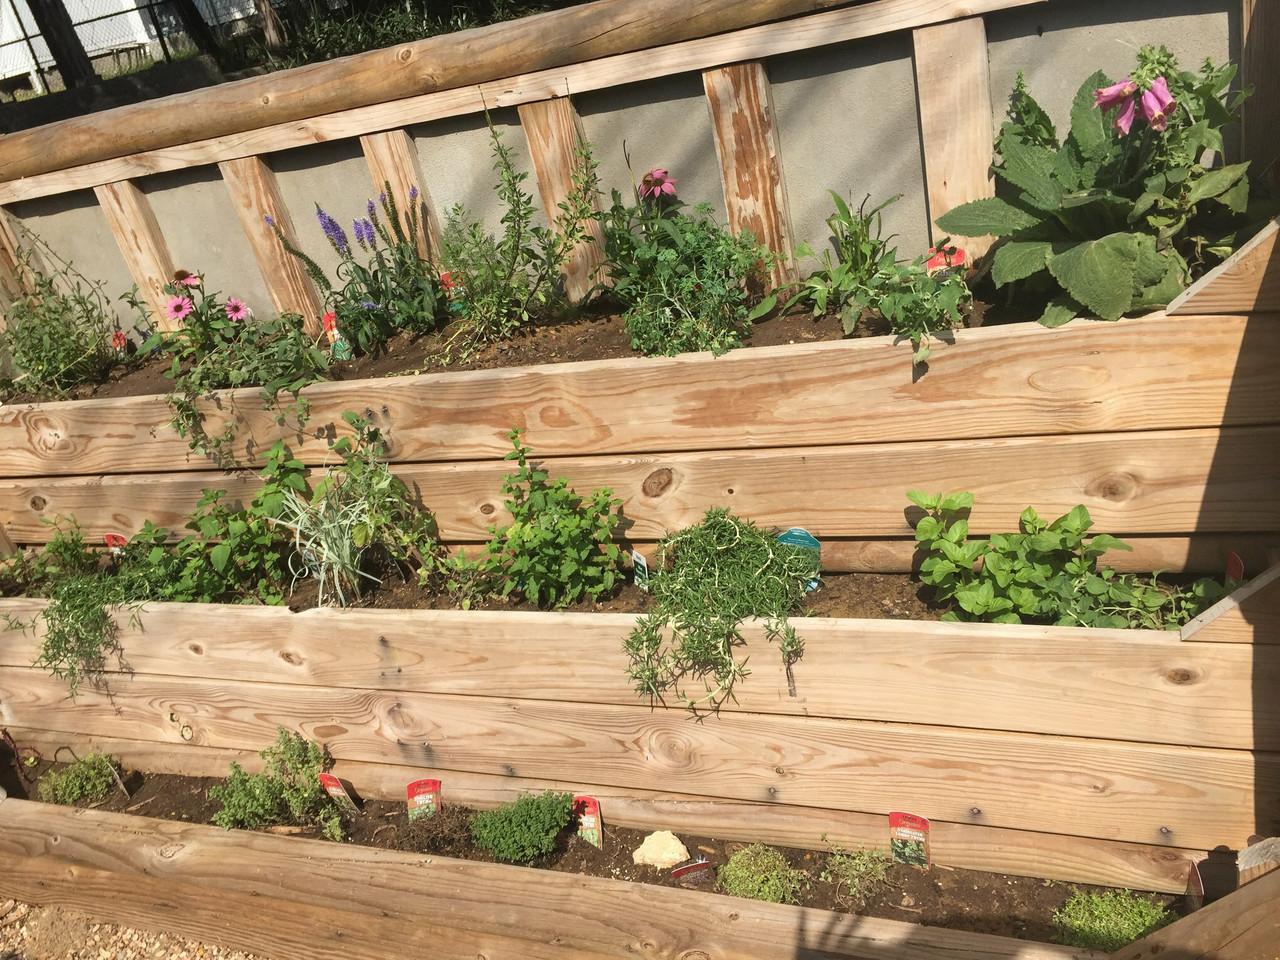 The Herb Room Garden